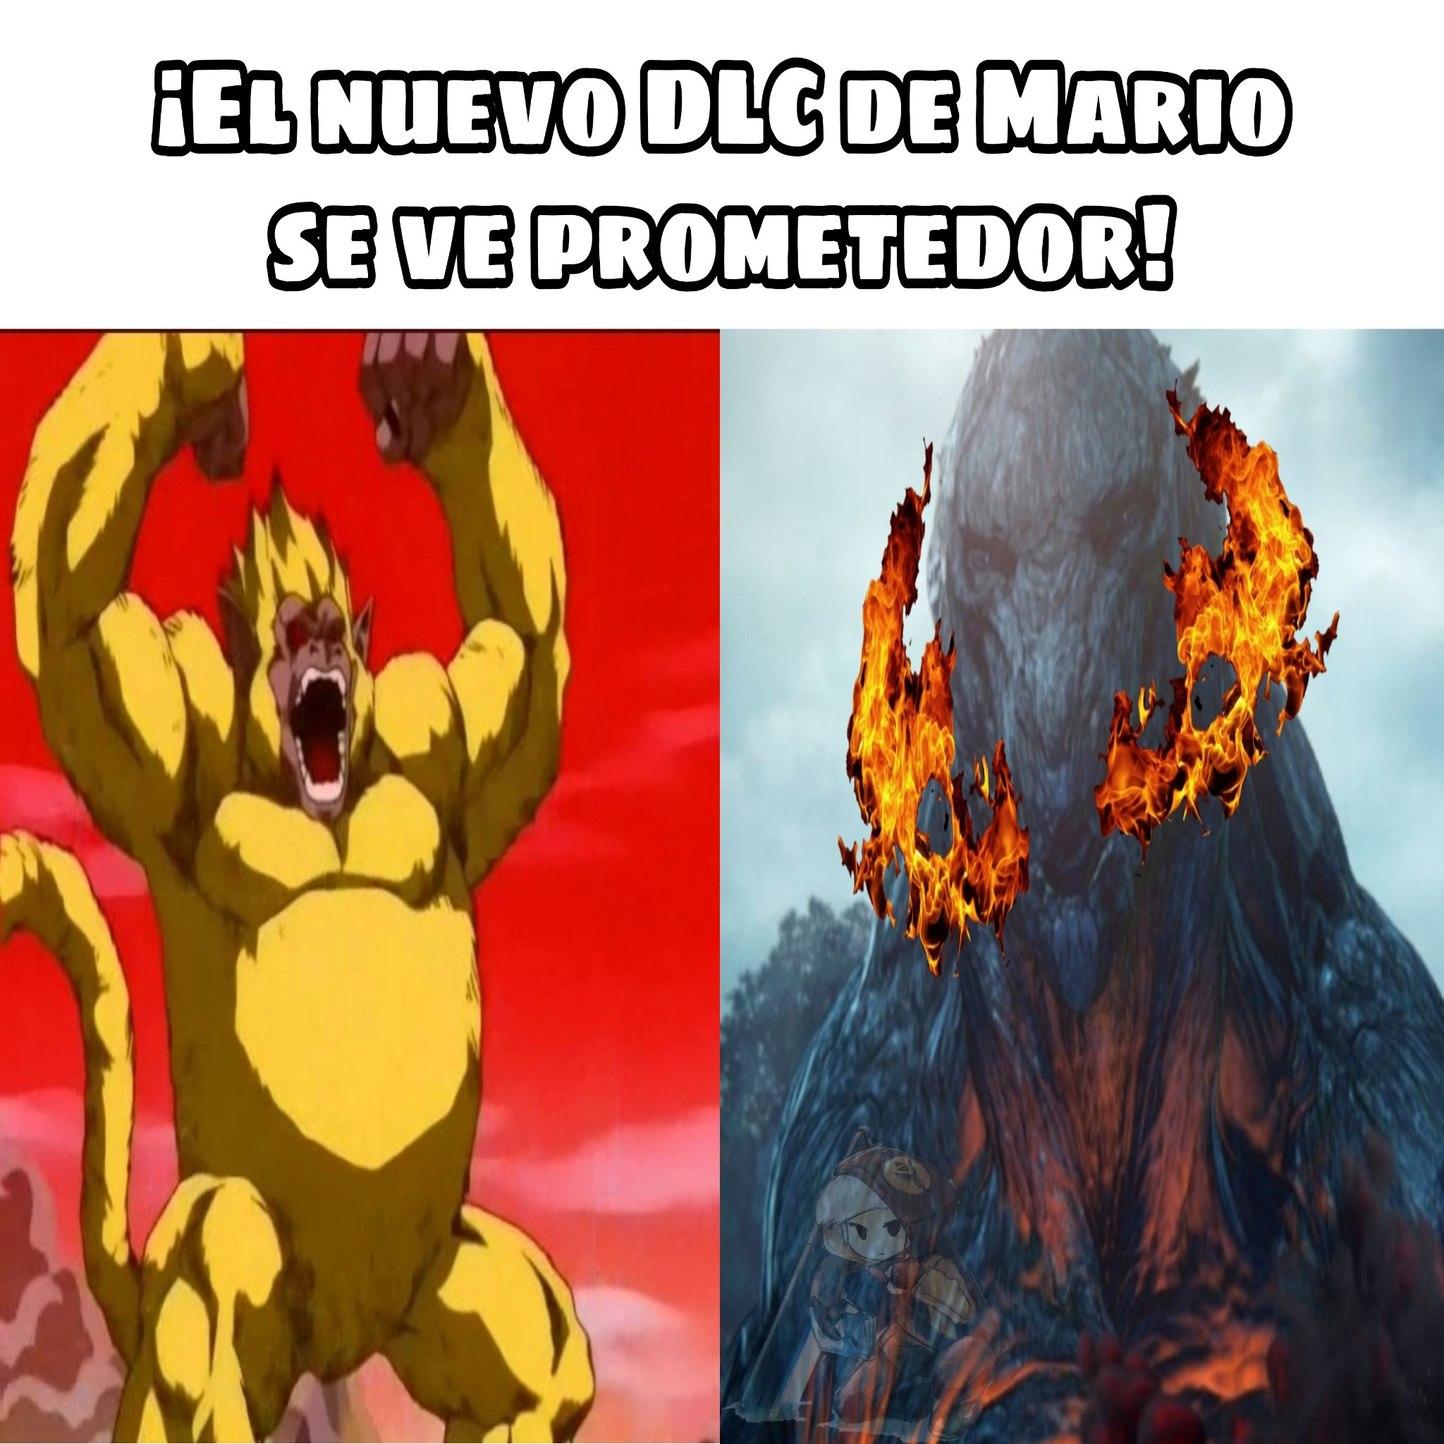 Super Mario Z a vuelto genteeeee - meme